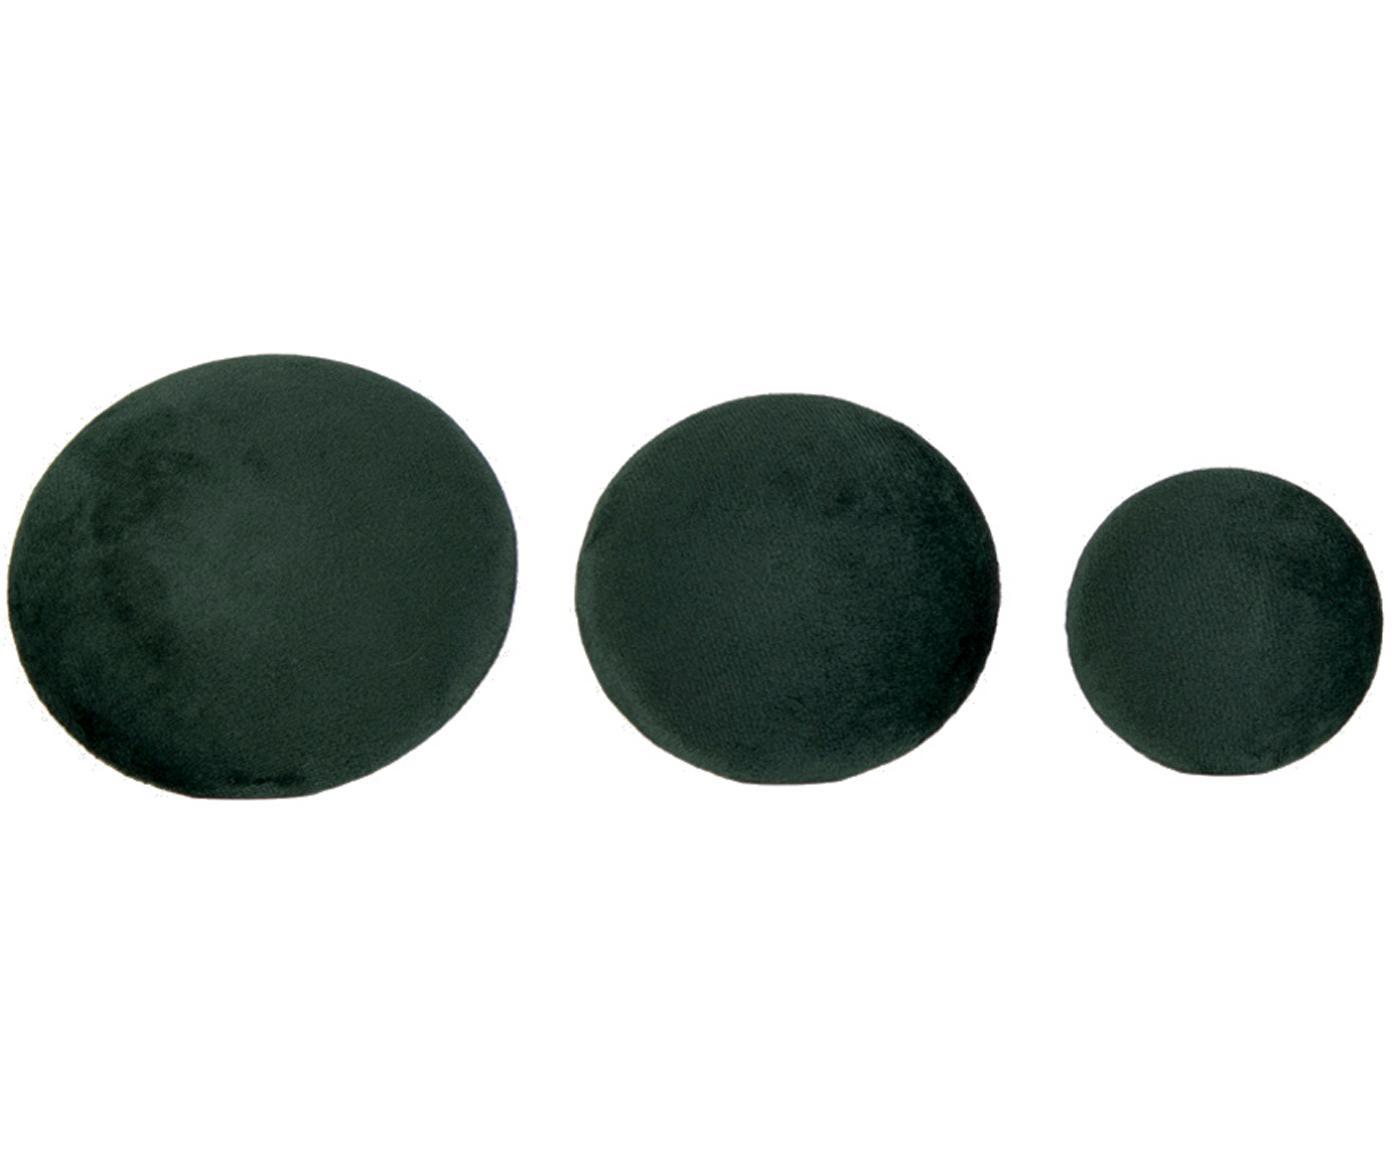 Komplet haków z aksamitu Giza, 3 elem., Aksamit, metal, Ciemny zielony, odcienie mosiądzu, Różne rozmiary